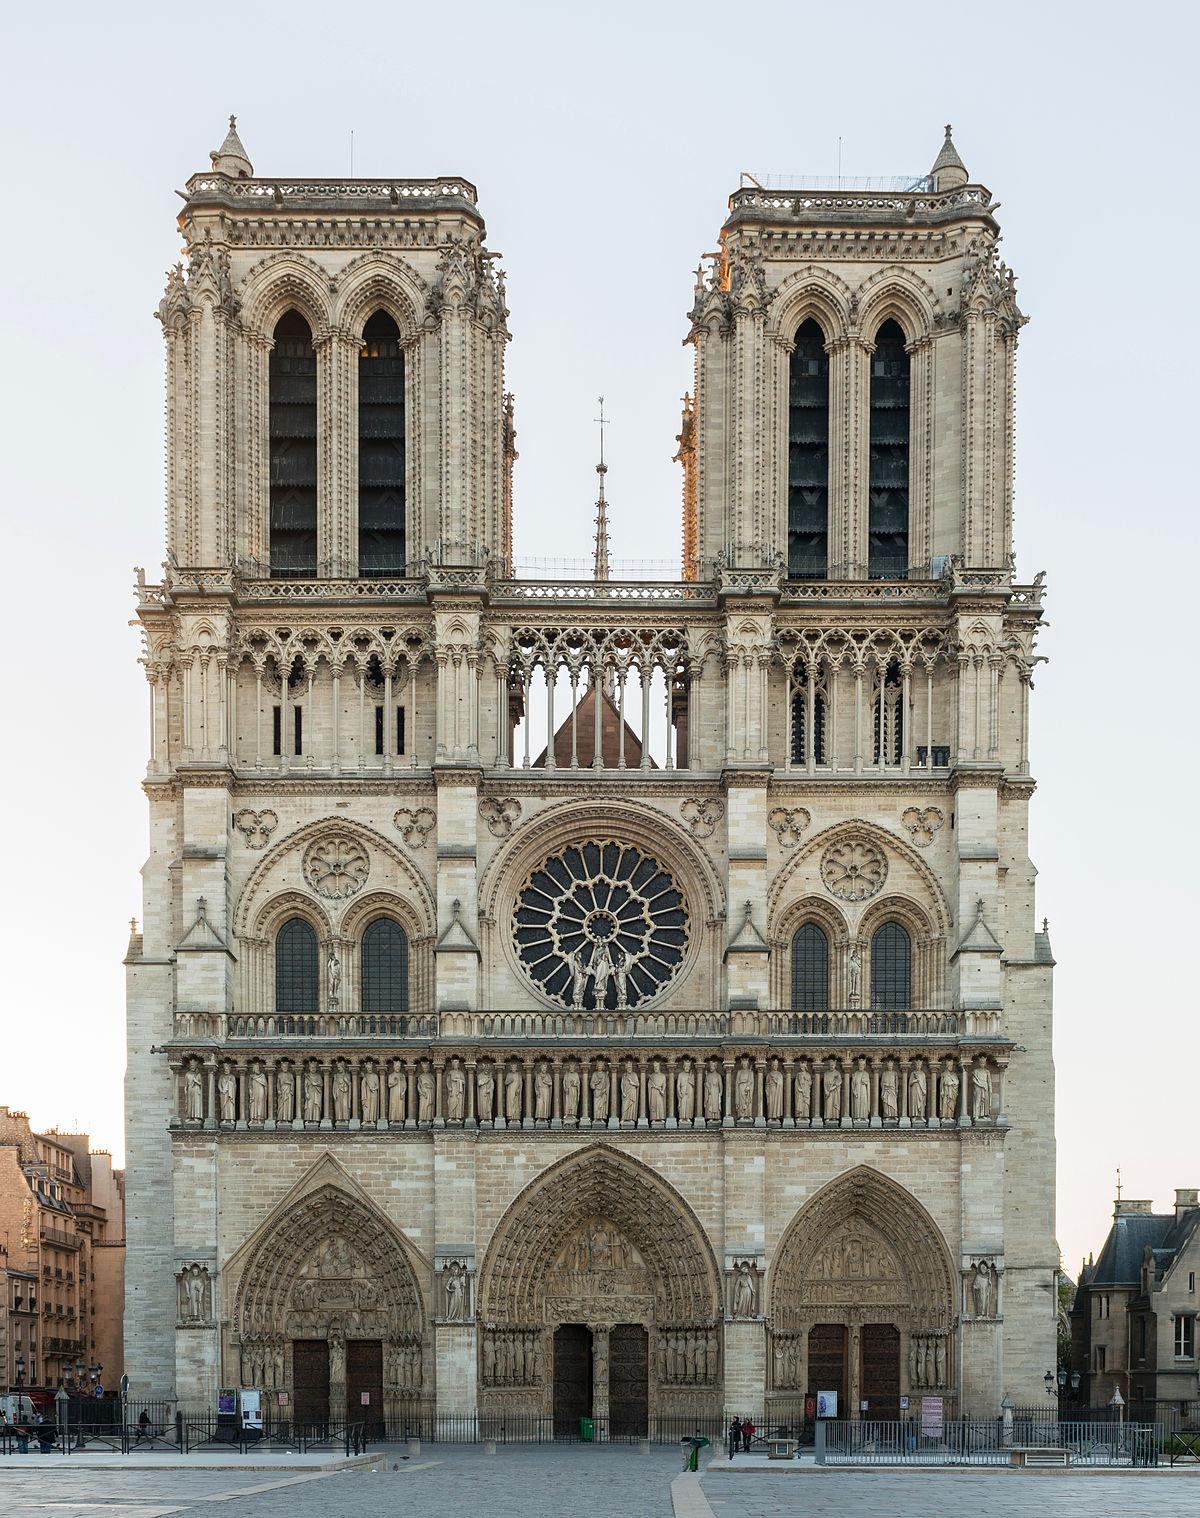 Cathédrale_Notre-Dame_de_Paris,_20_March_2014.jpg Download free STL file our lady of paris • 3D print model, ptithdvideo